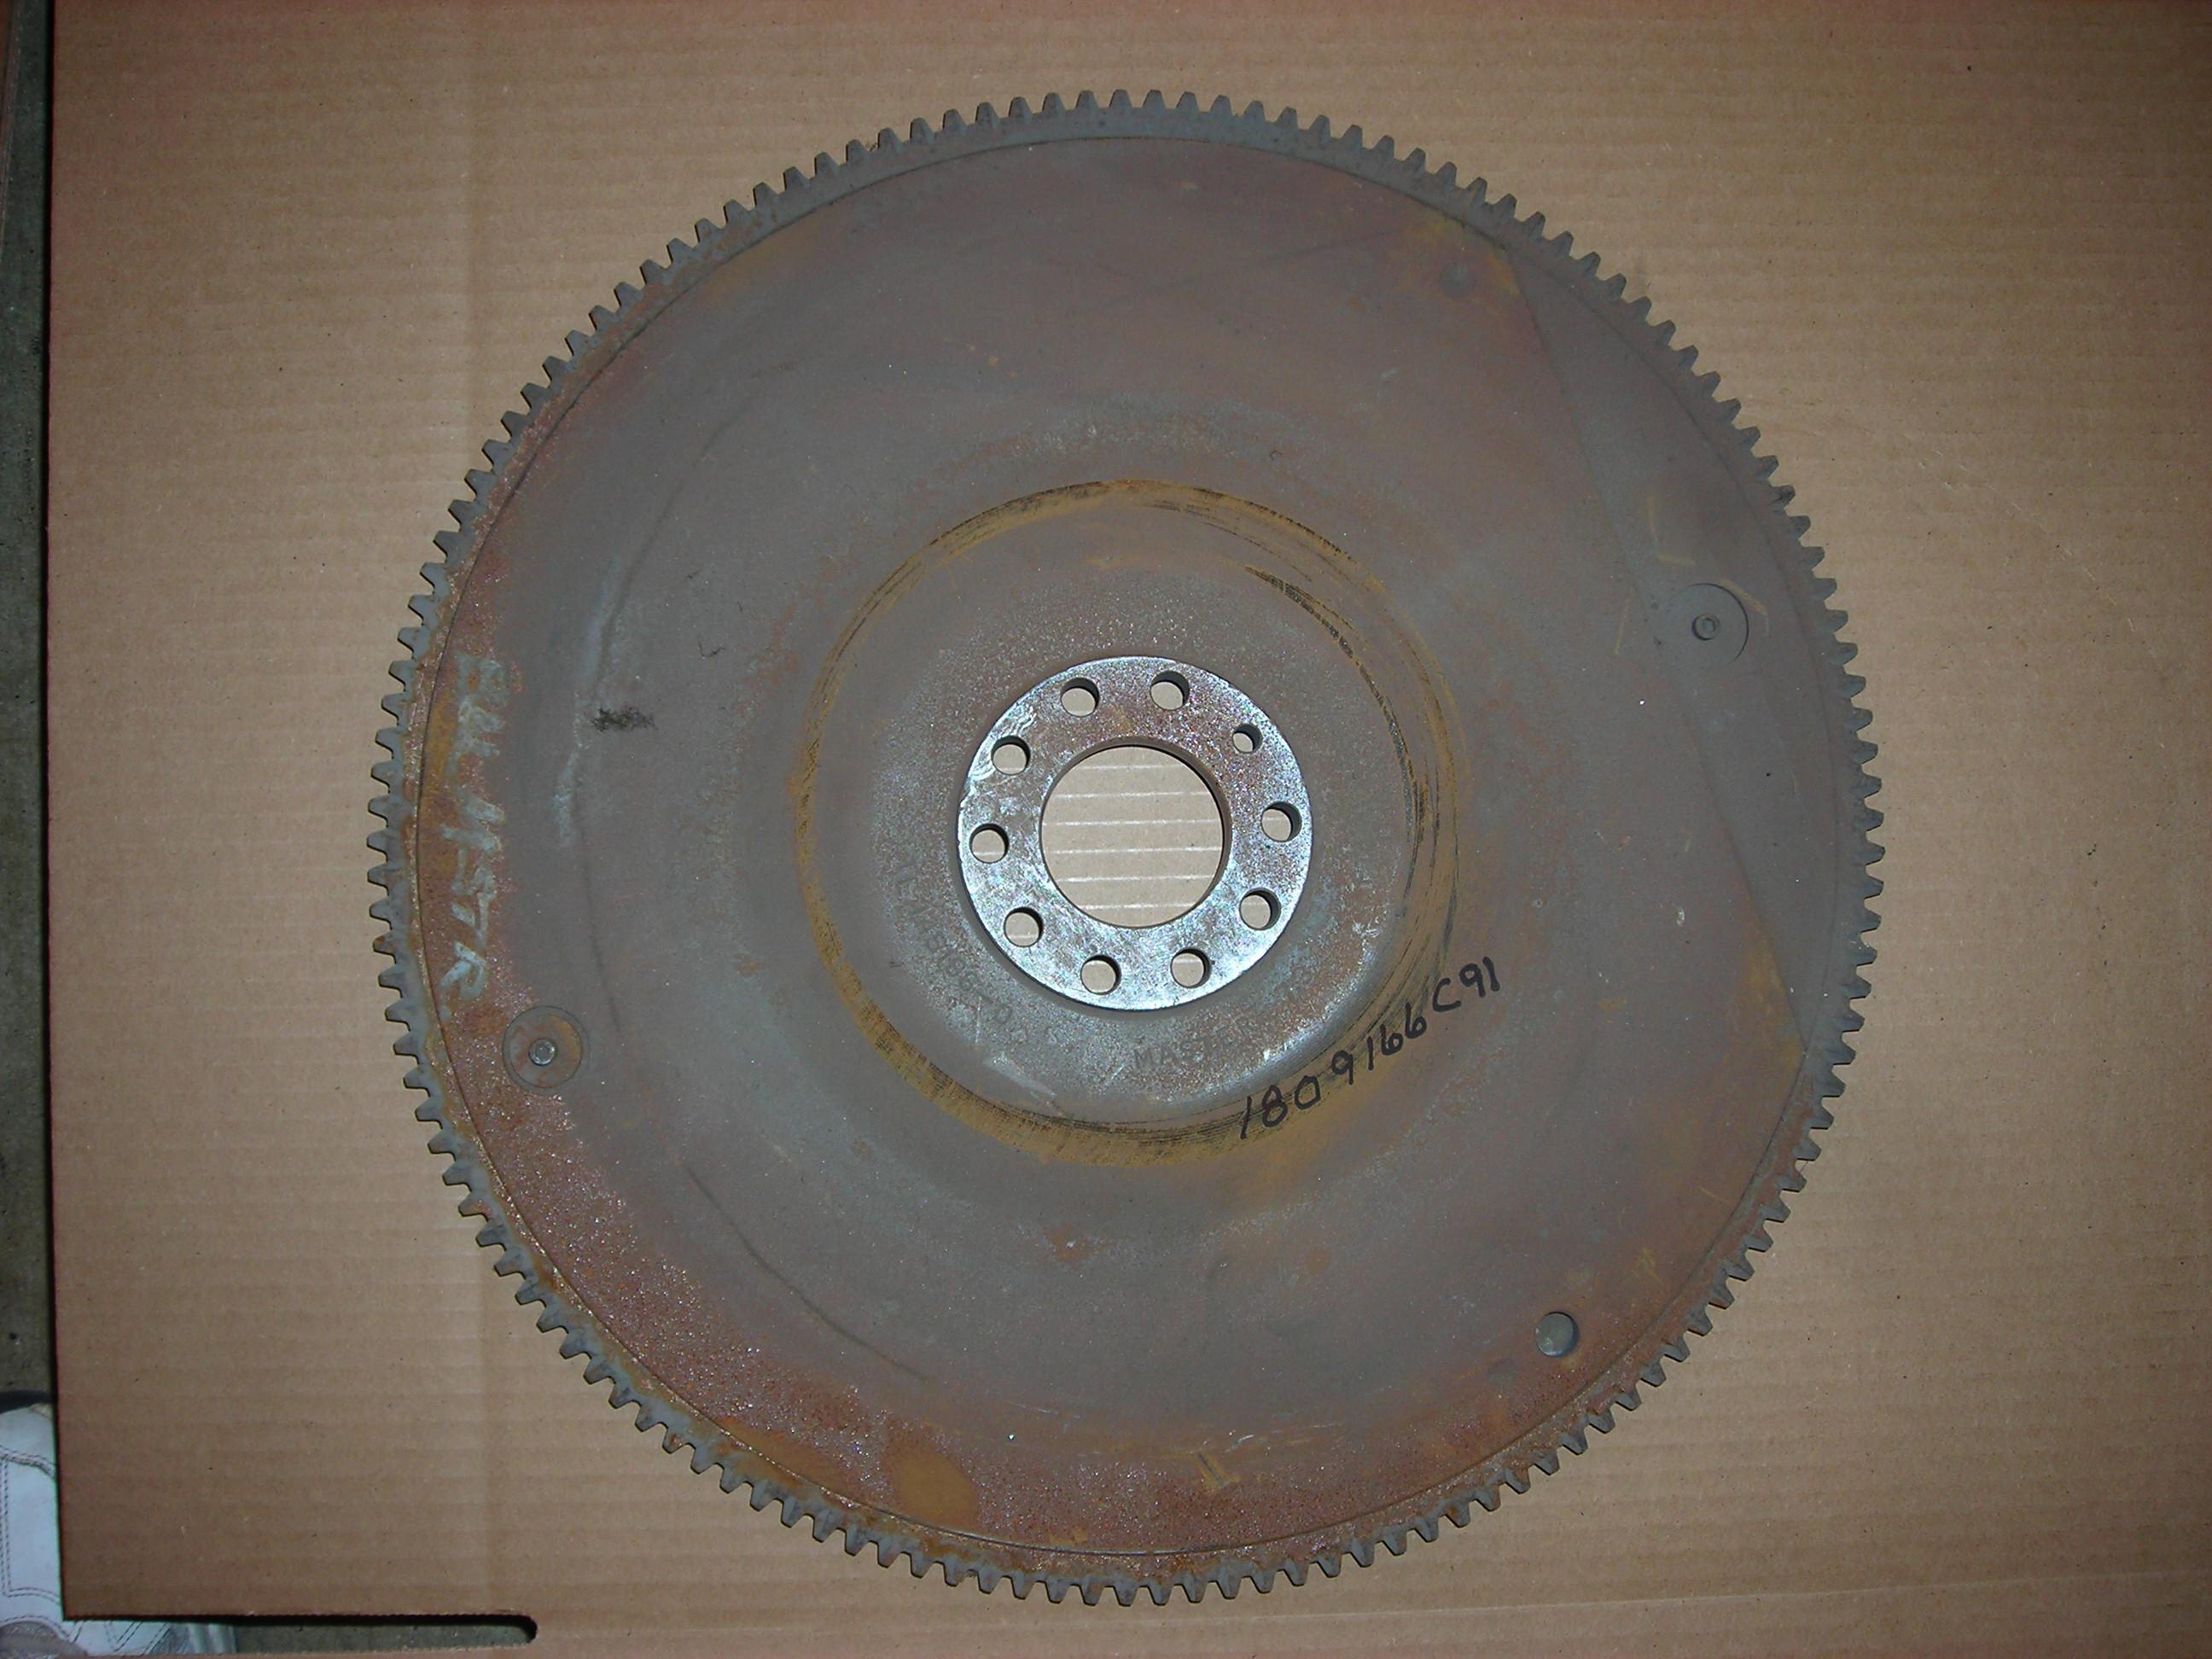 1809166C91 Navistar International Flywheel Rear